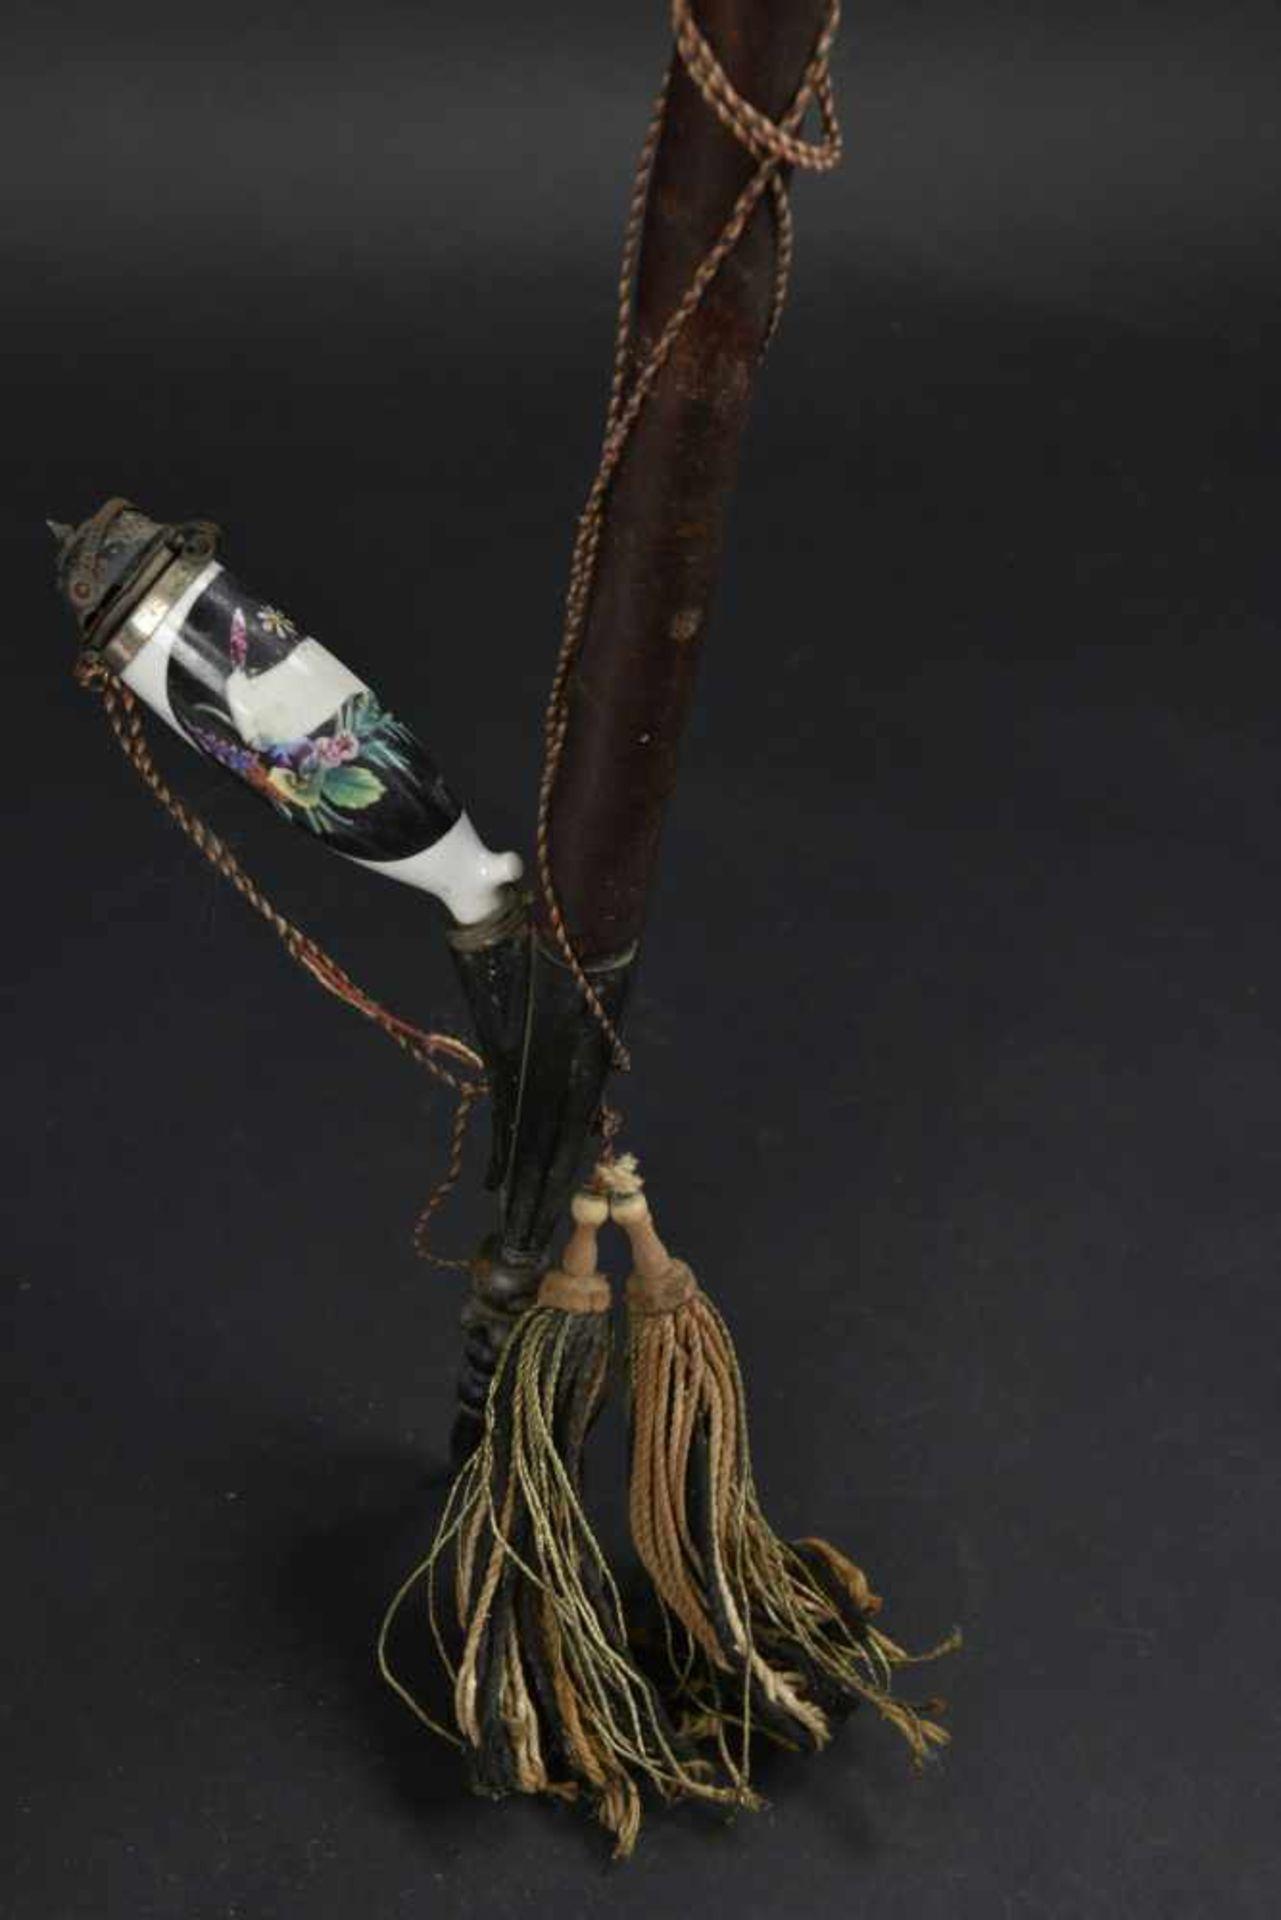 Pipe de réserviste En bois et bois de cerf. Très peu décorée. Cartouches neutralisés décorant une - Bild 4 aus 4